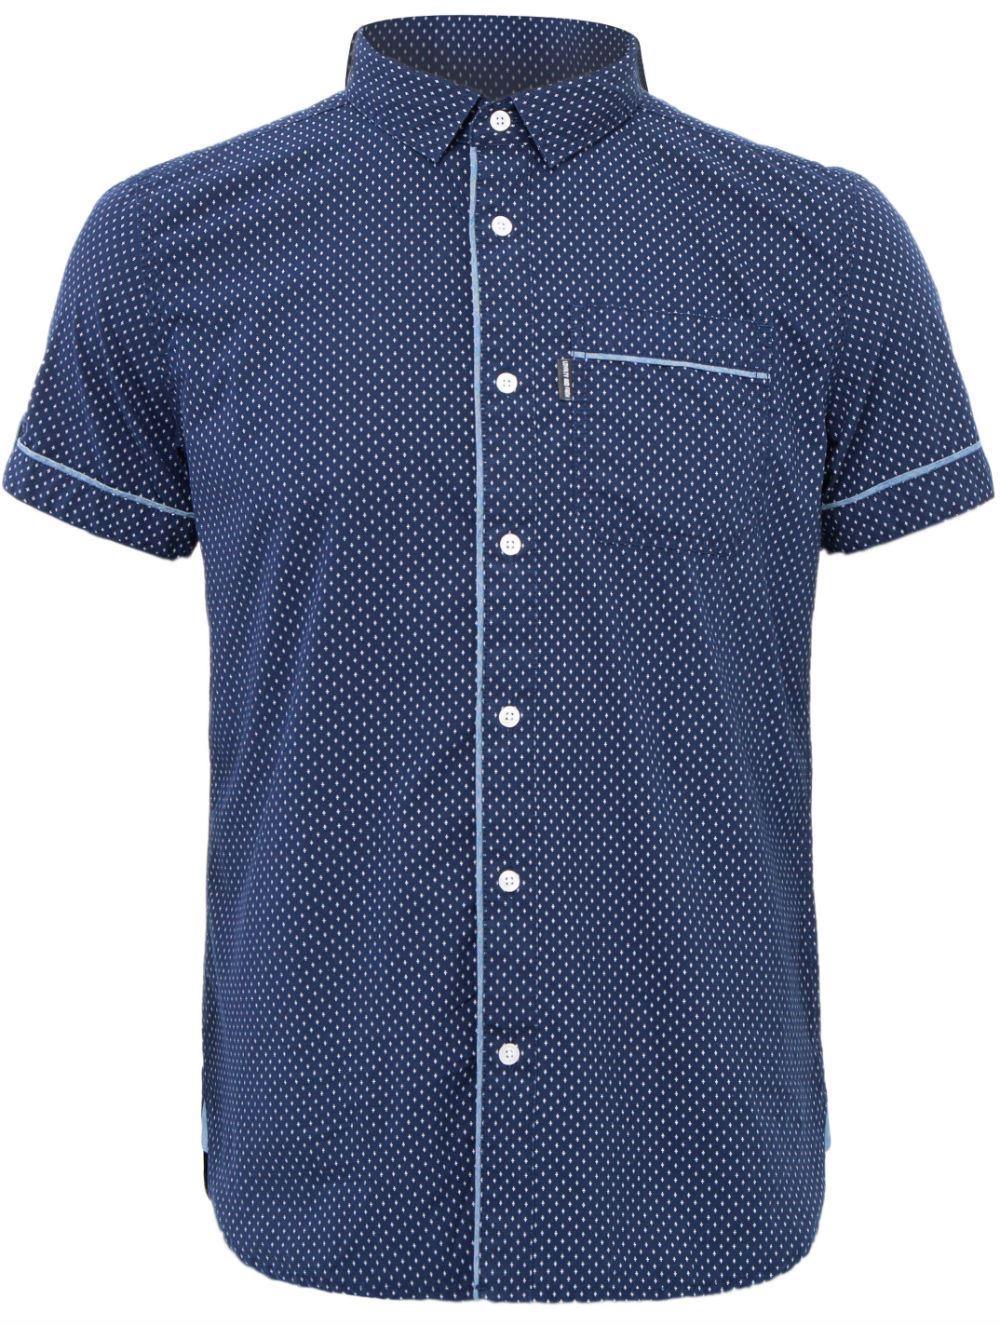 Loyalty & Faith Mazza Shirt - Blue|3XL